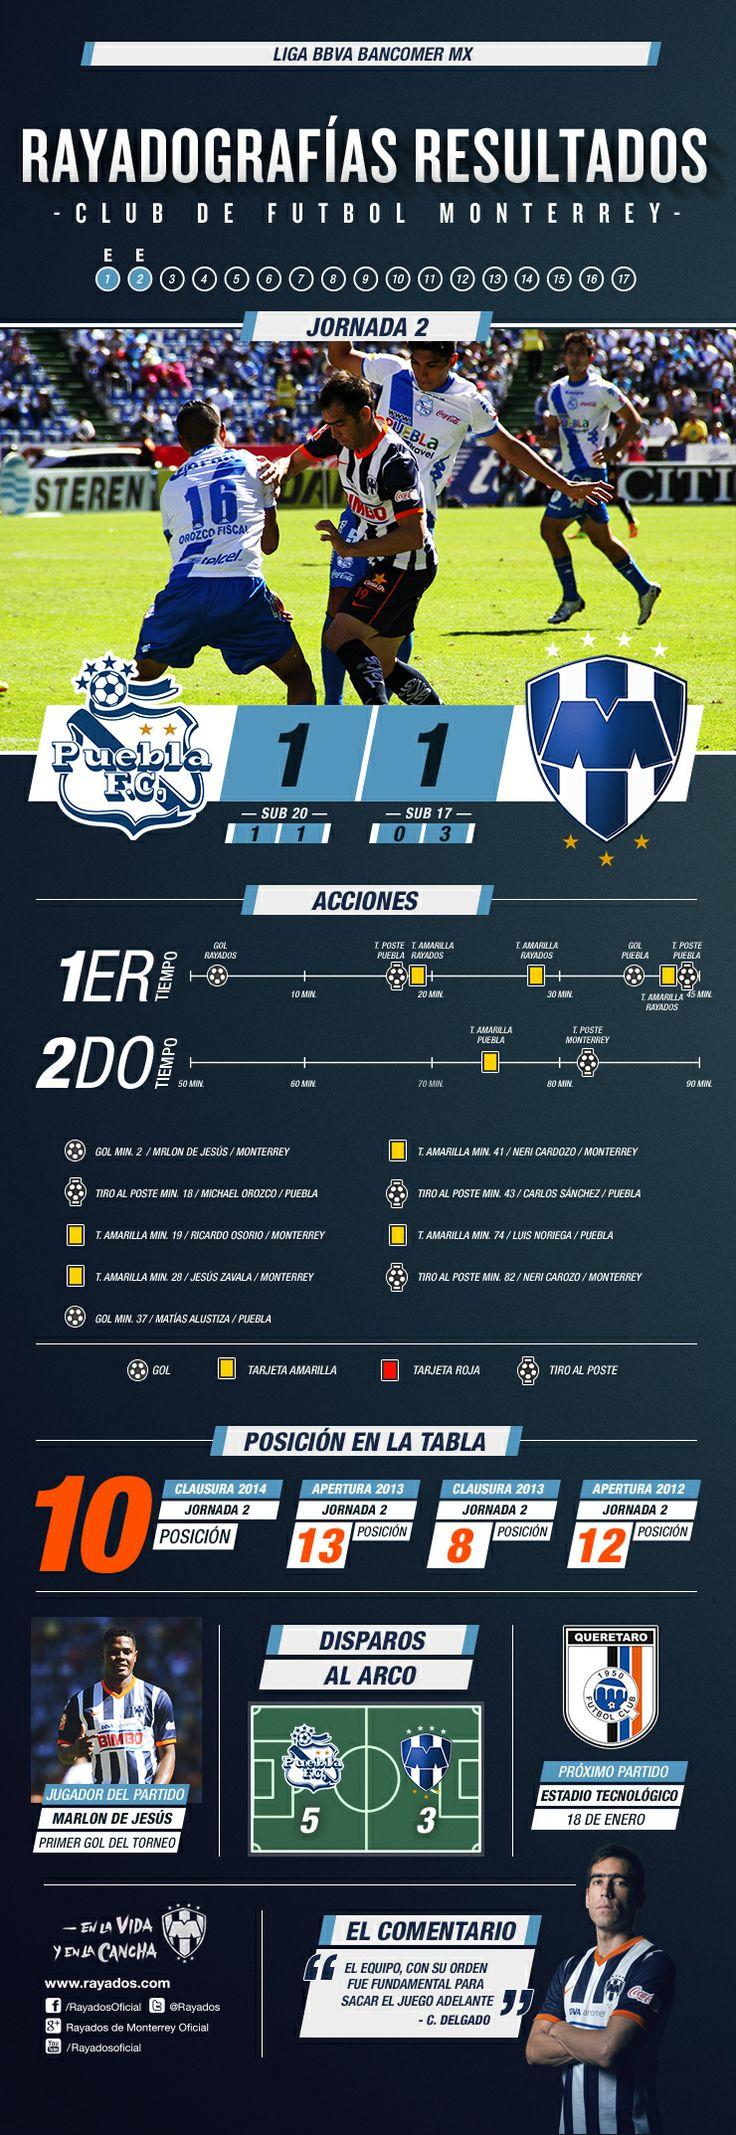 La Rayadografía de resultados de la Jornada 2. #Rayados #futbol @Liga Zervena Bancomer MX #sports #Deportes #PUEvsMTY